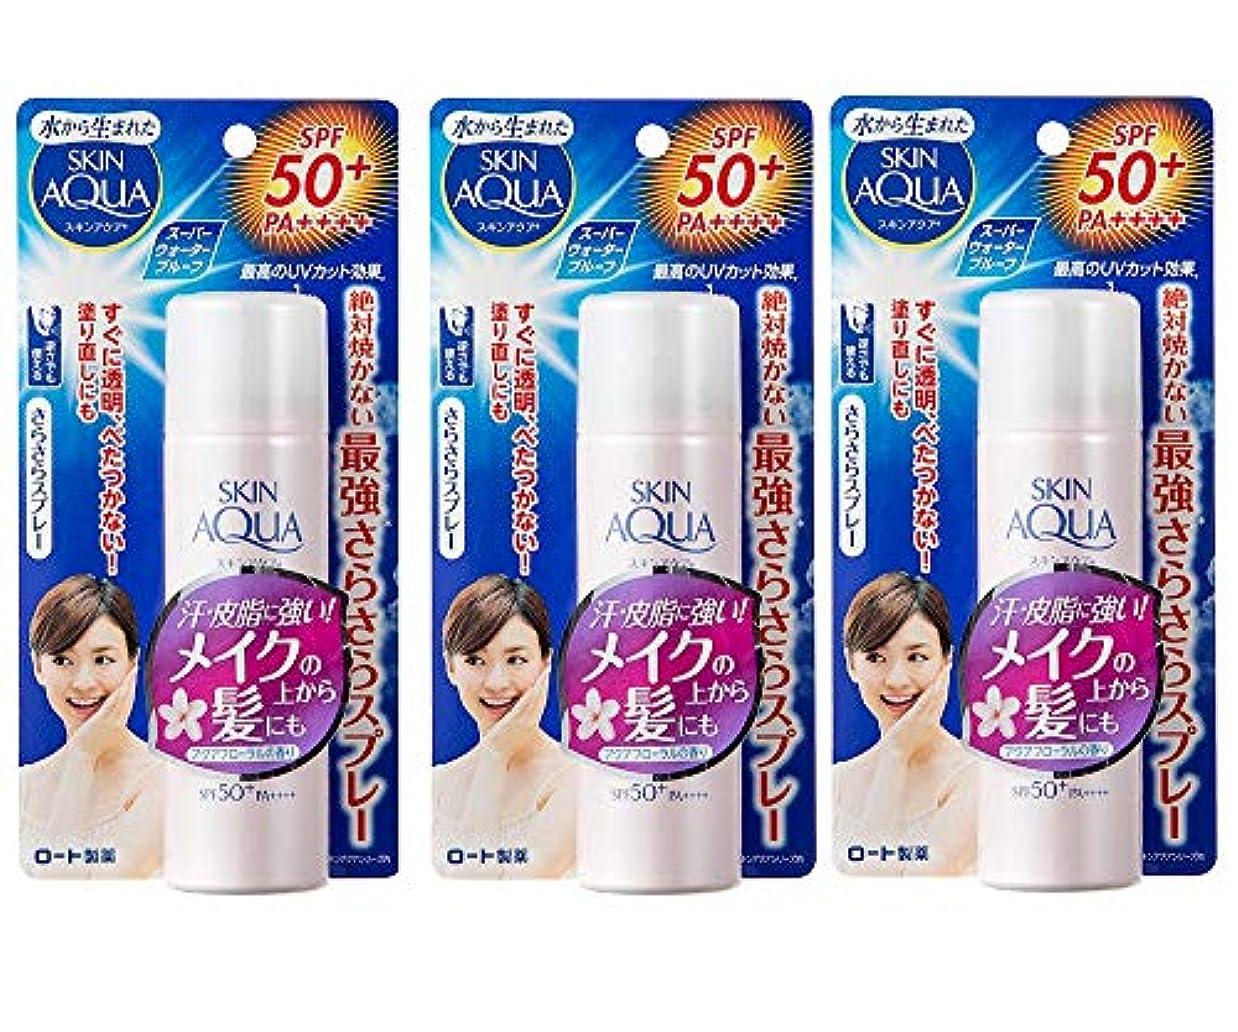 八百屋さんどんなときも動機(ロート)スキンアクア サラフィットUV さらさらスプレー(SPF50+/PA++++)アクアフローラルの香り50g(お買い得3個セット)